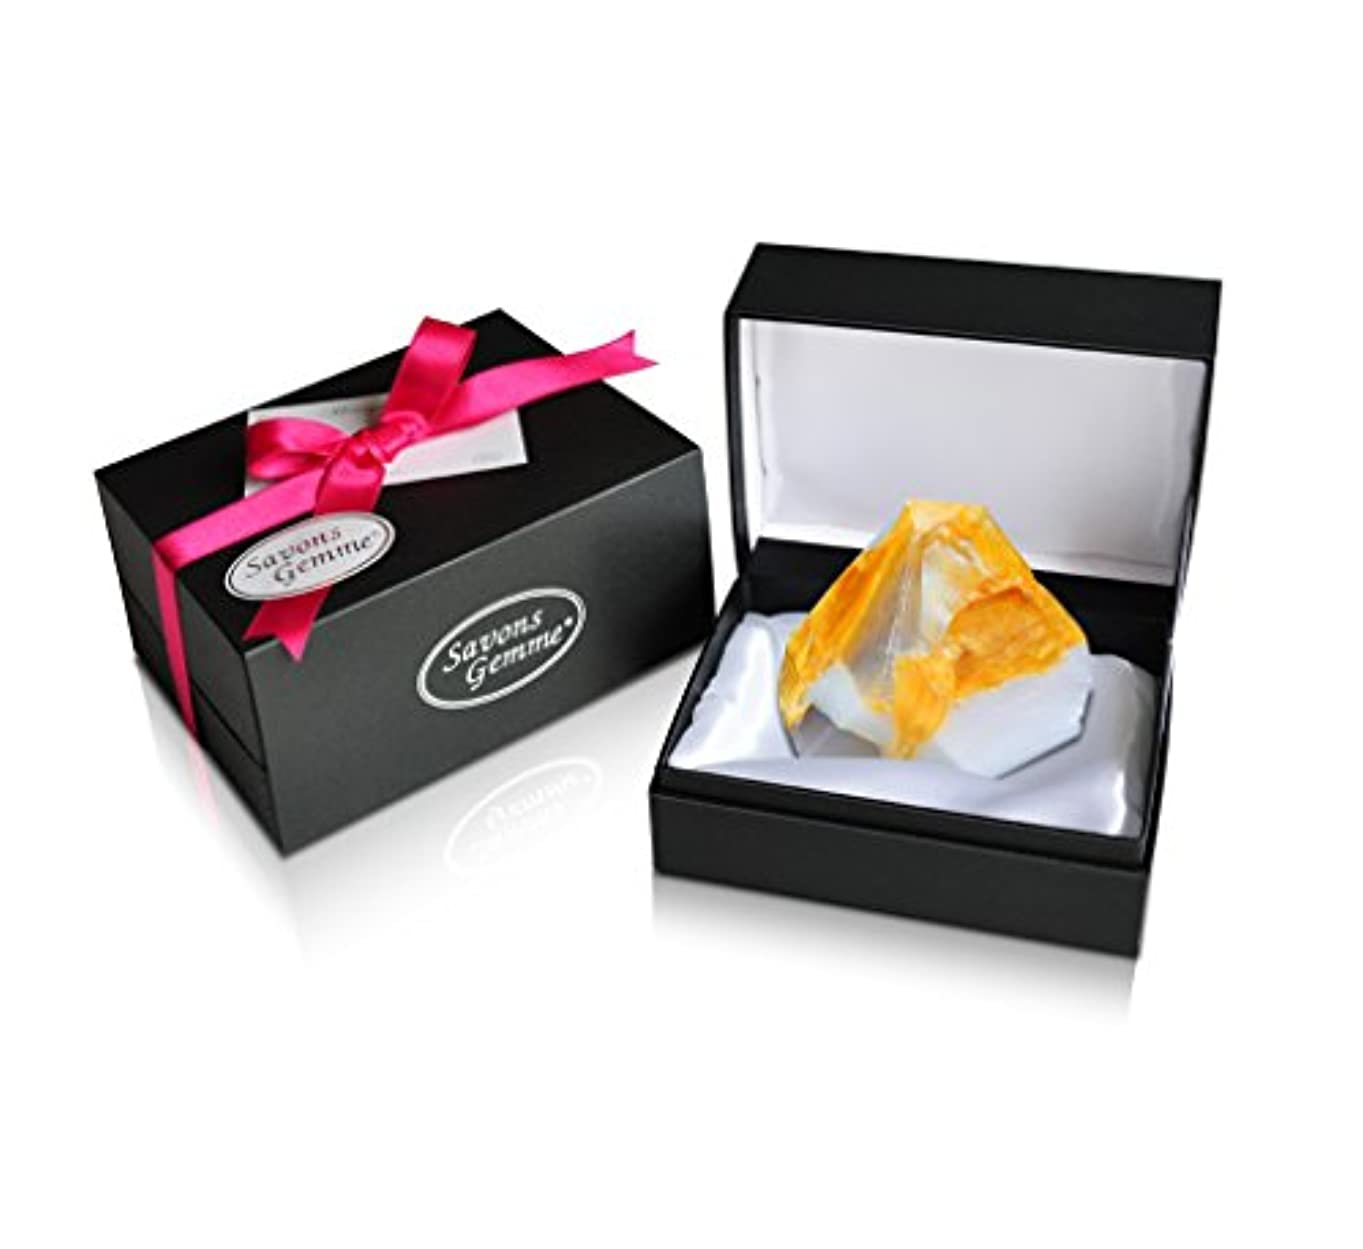 無駄な前妥協Savons Gemme サボンジェム ジュエリーギフトボックス 世界で一番美しい宝石石鹸 フレグランス ソープ 宝石箱のようなラグジュアリー感を演出 アルバトールオリエンタル 170g 【日本総代理店品】